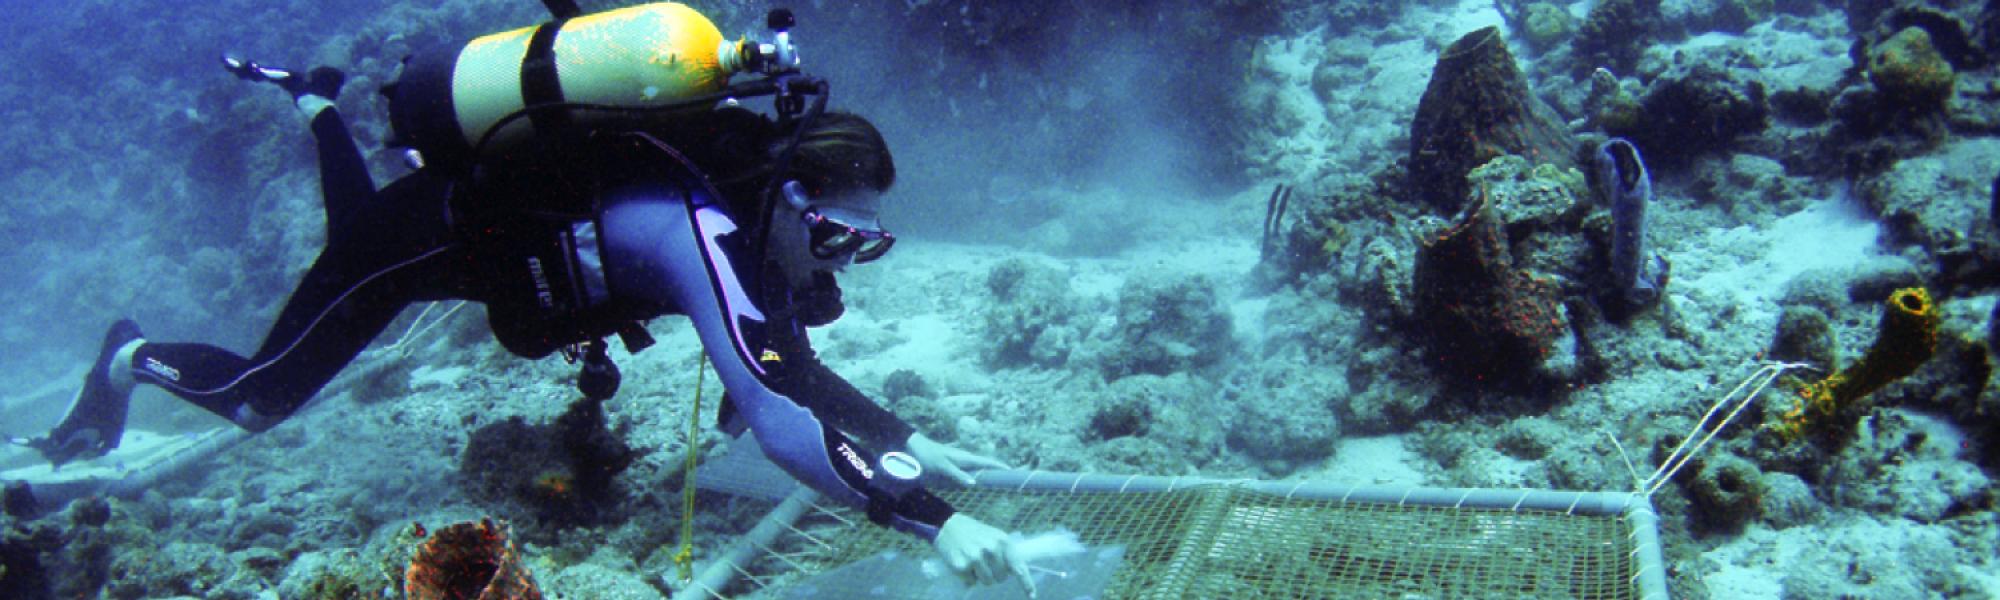 Étude du recrutement larvaire des coraux sur des plaques de terre cuite (Ilets Pigeon, Bouillante).